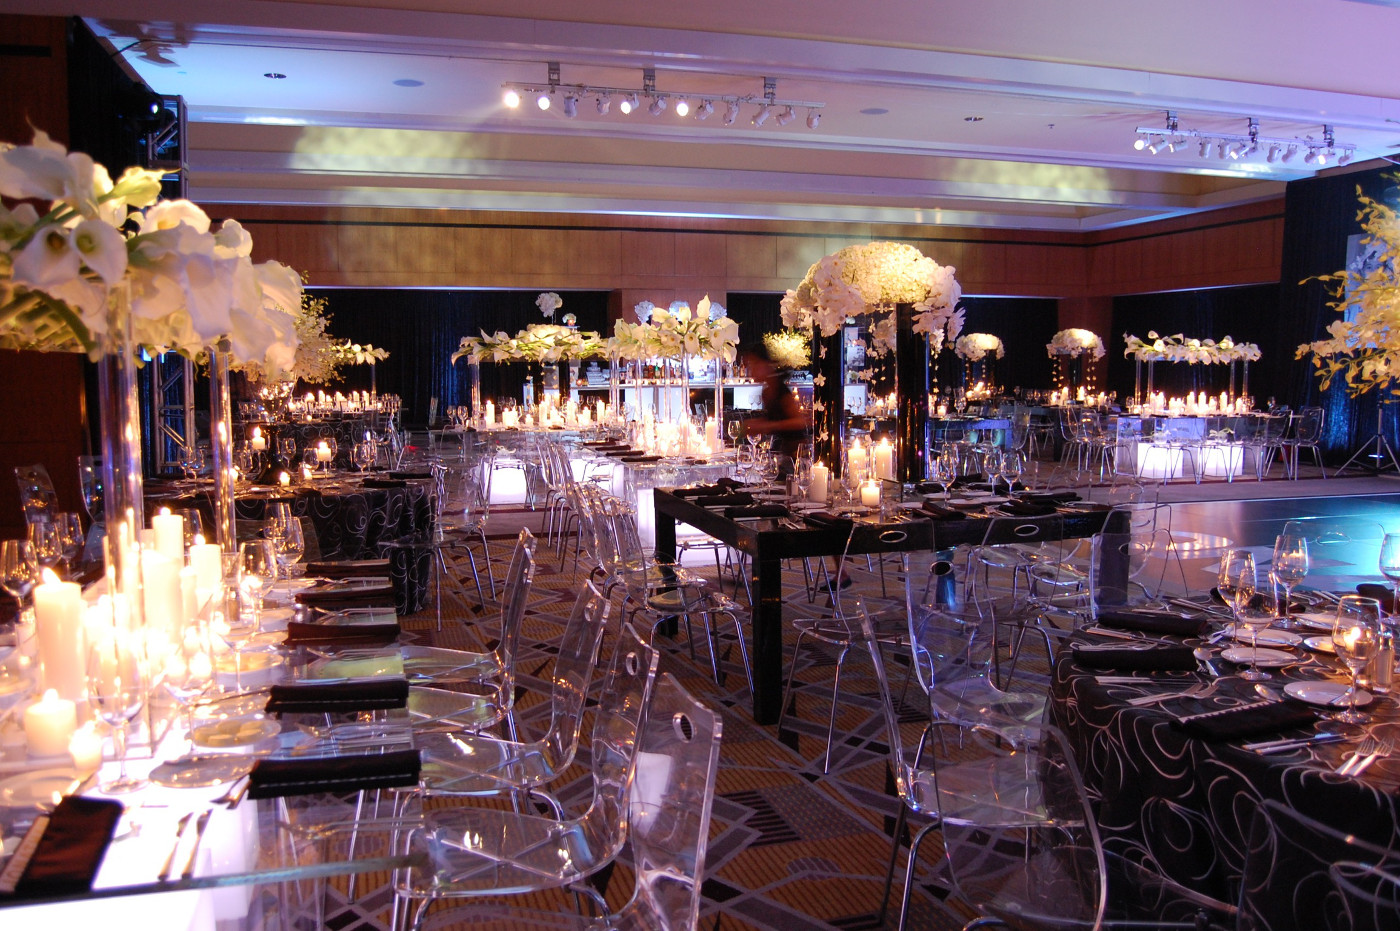 The Ritz Carlton White Plains